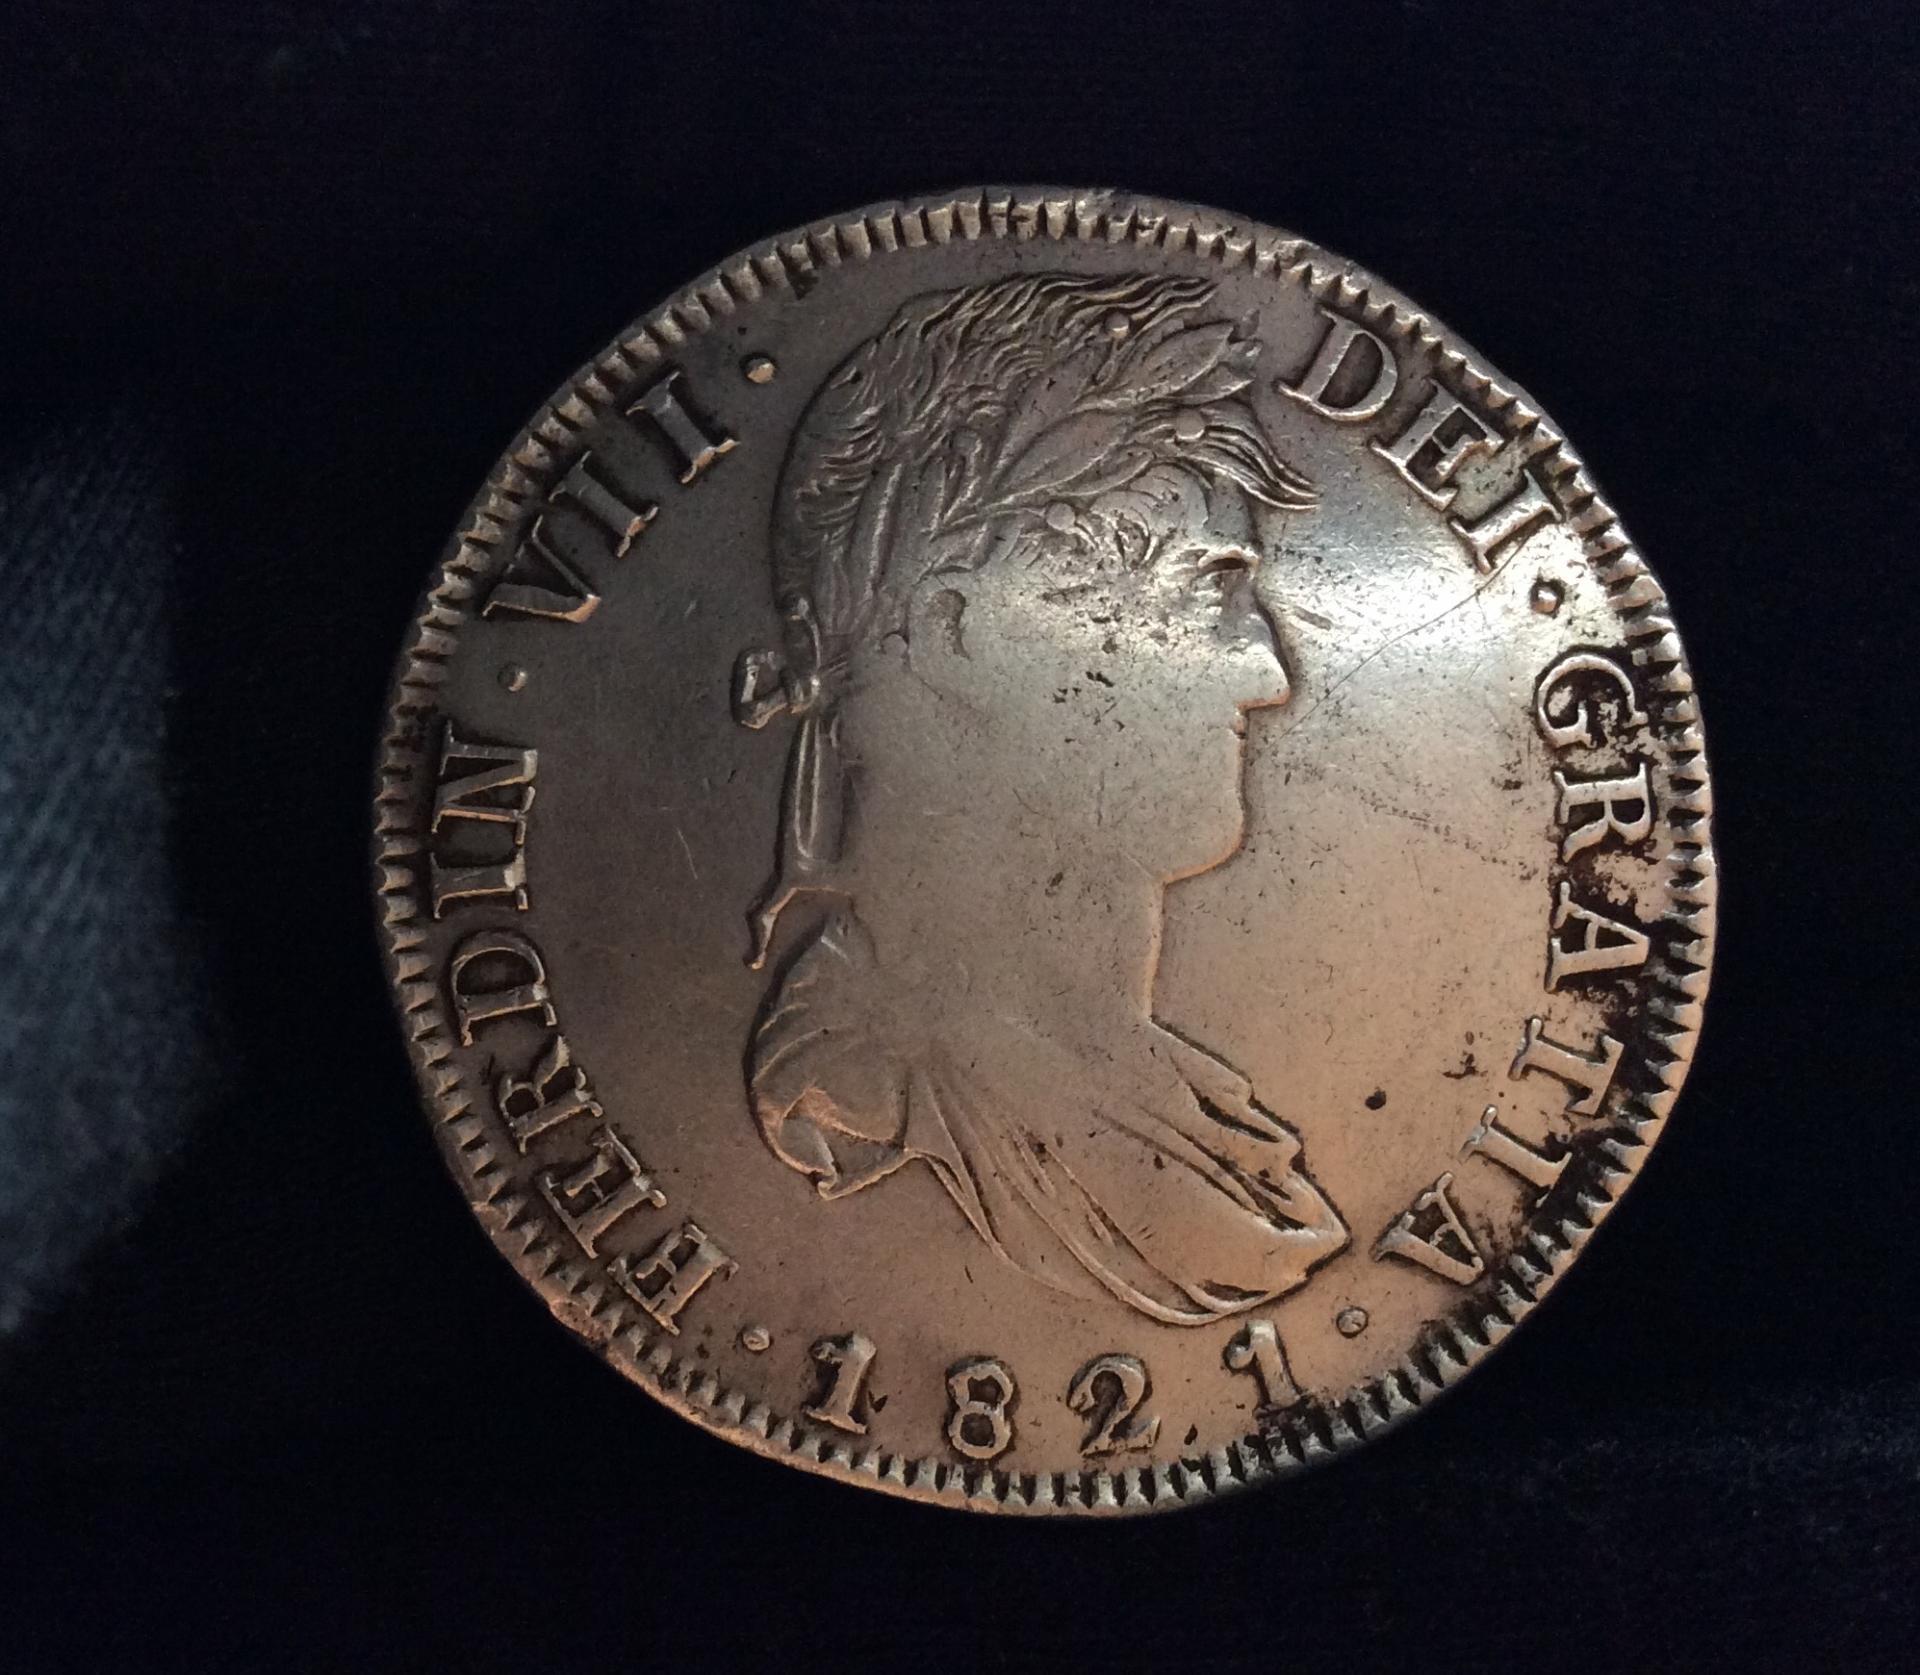 8 REALES 1821 - ZACATECAS - FERNANDO VII